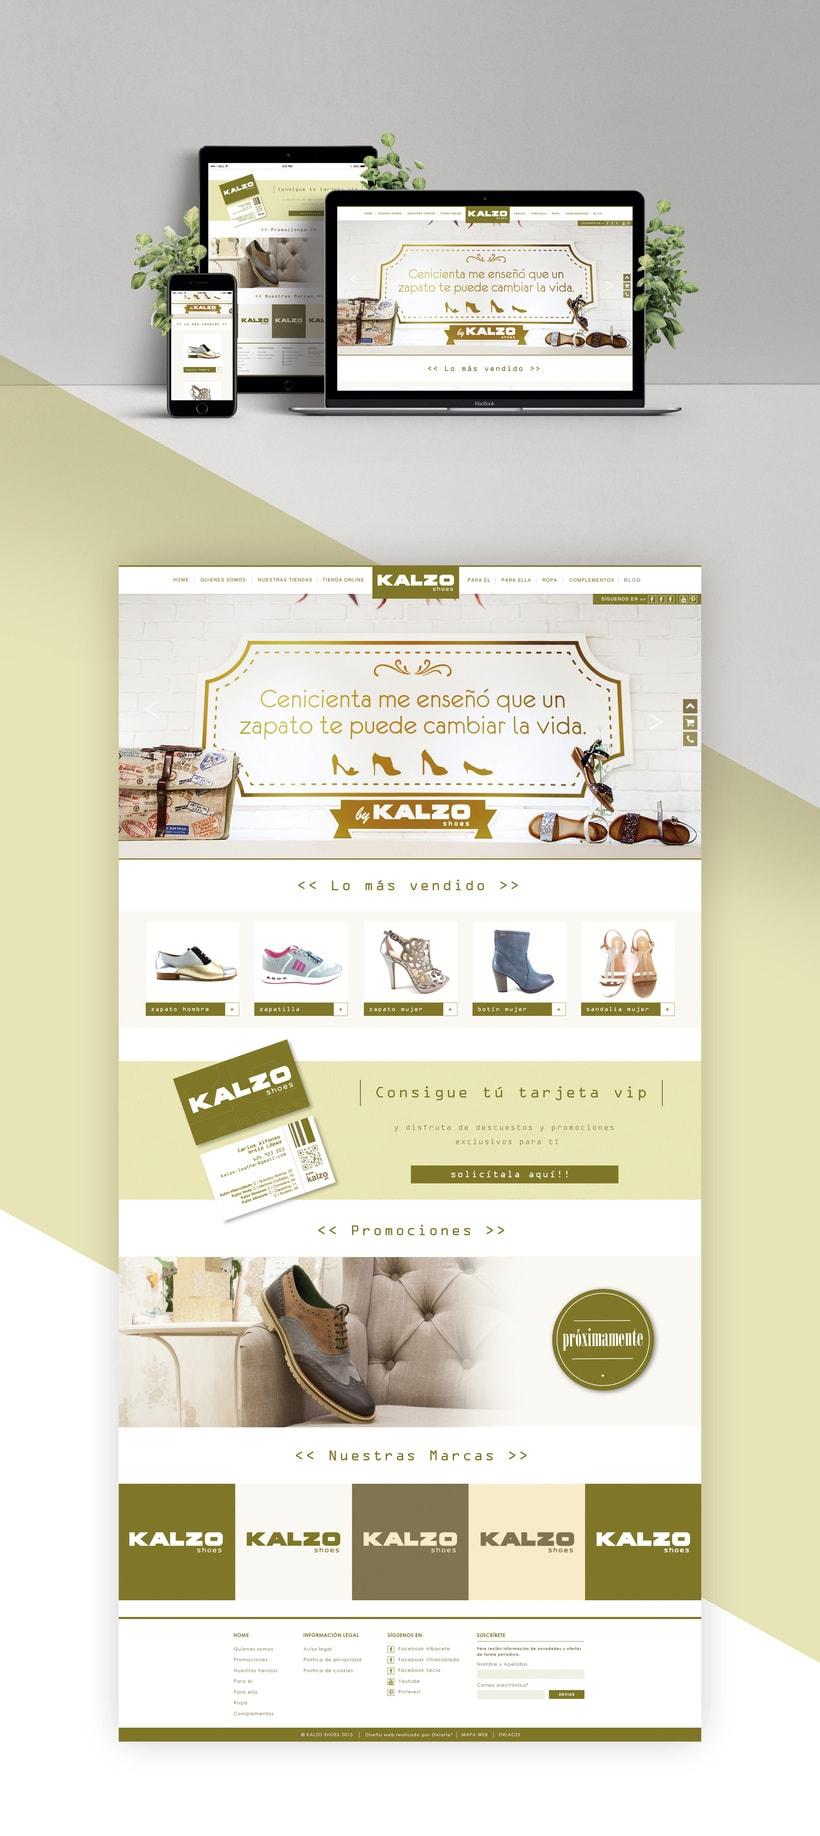 Diseño web Kalzo -1